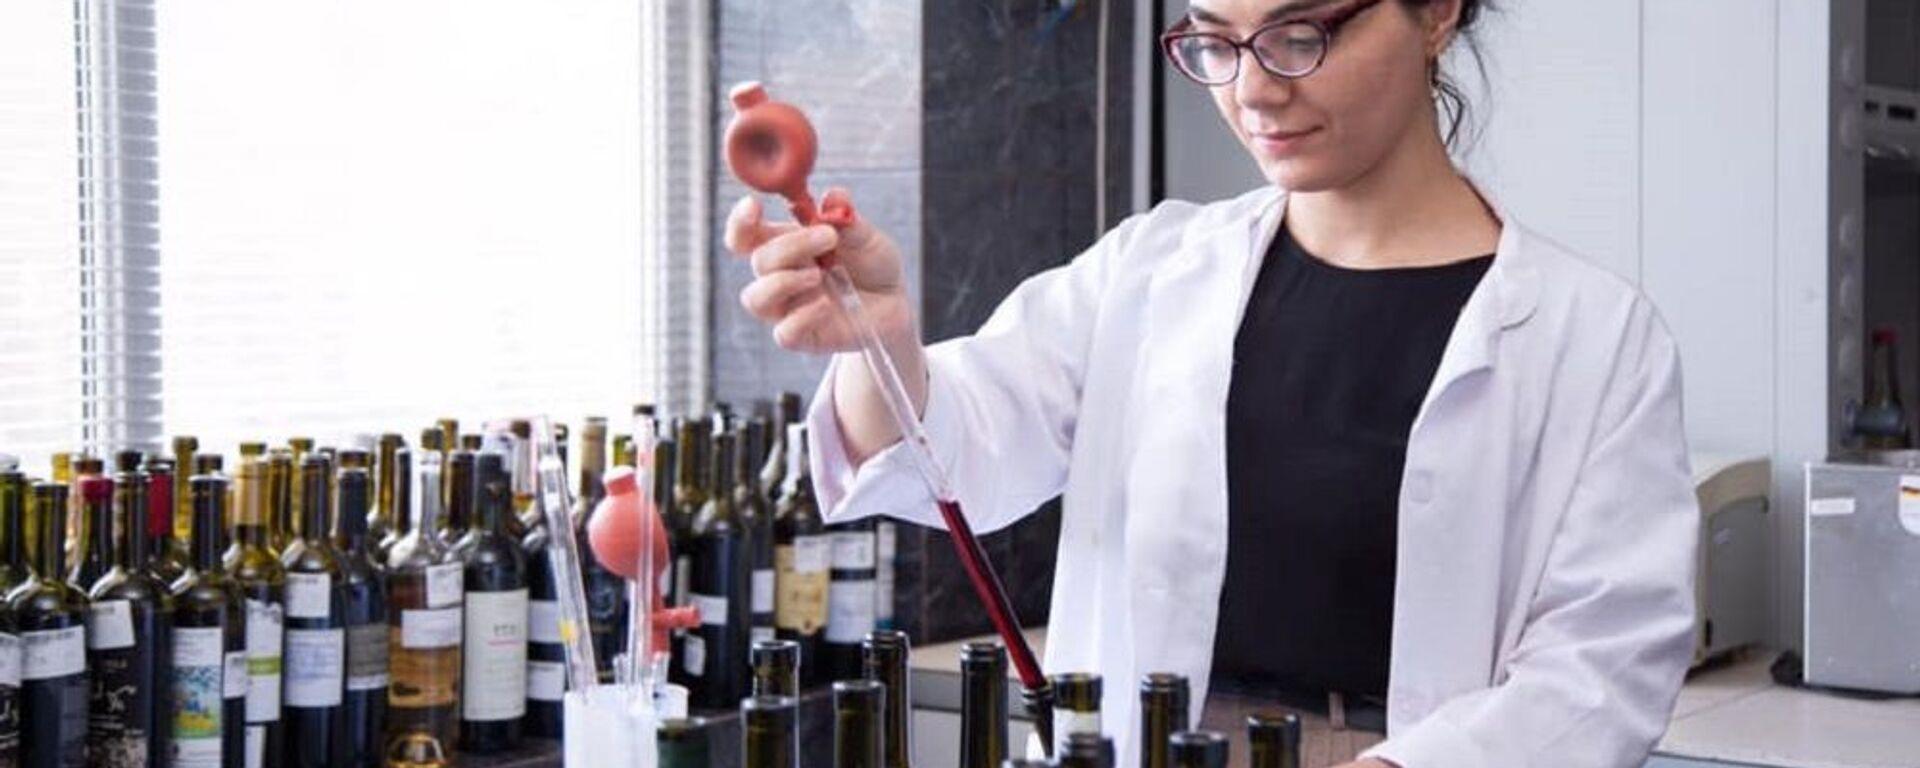 ქართული ღვინის ხარისხის შემოწმება - Sputnik საქართველო, 1920, 04.09.2021